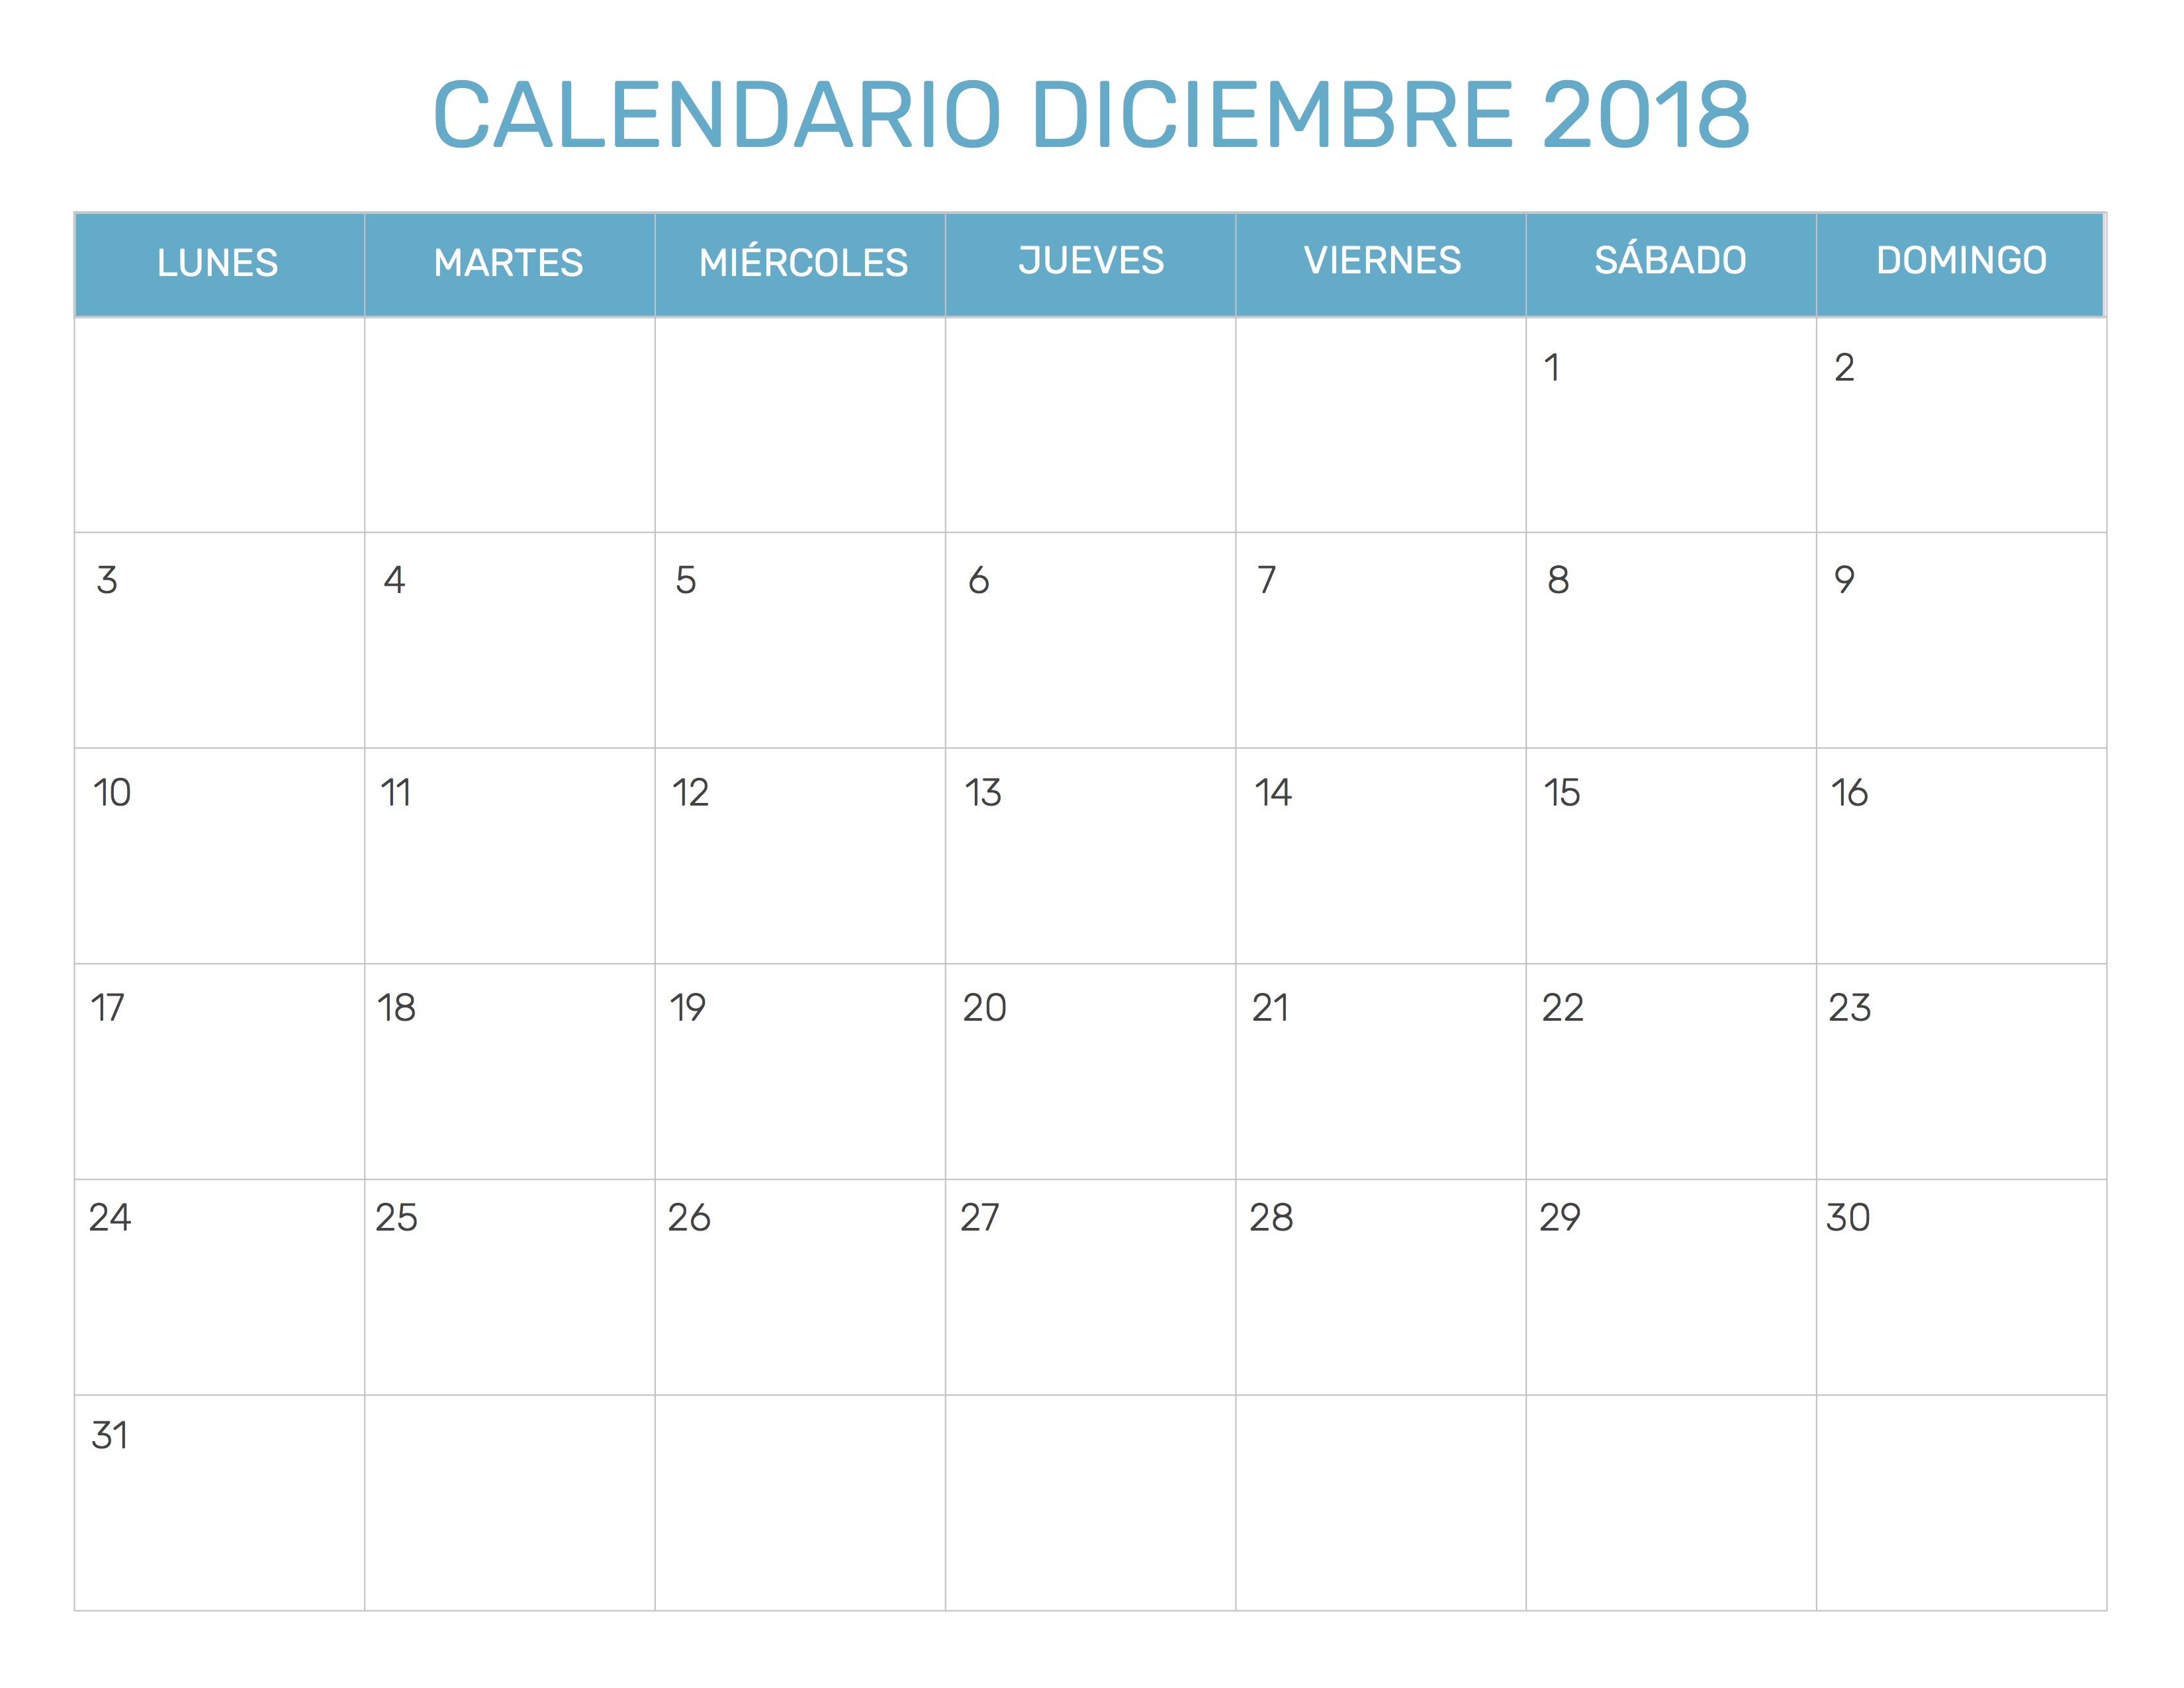 Calendario Diciembre 2018 Para Imprimir.Calendario Mensual Para Imprimir Ano 2018